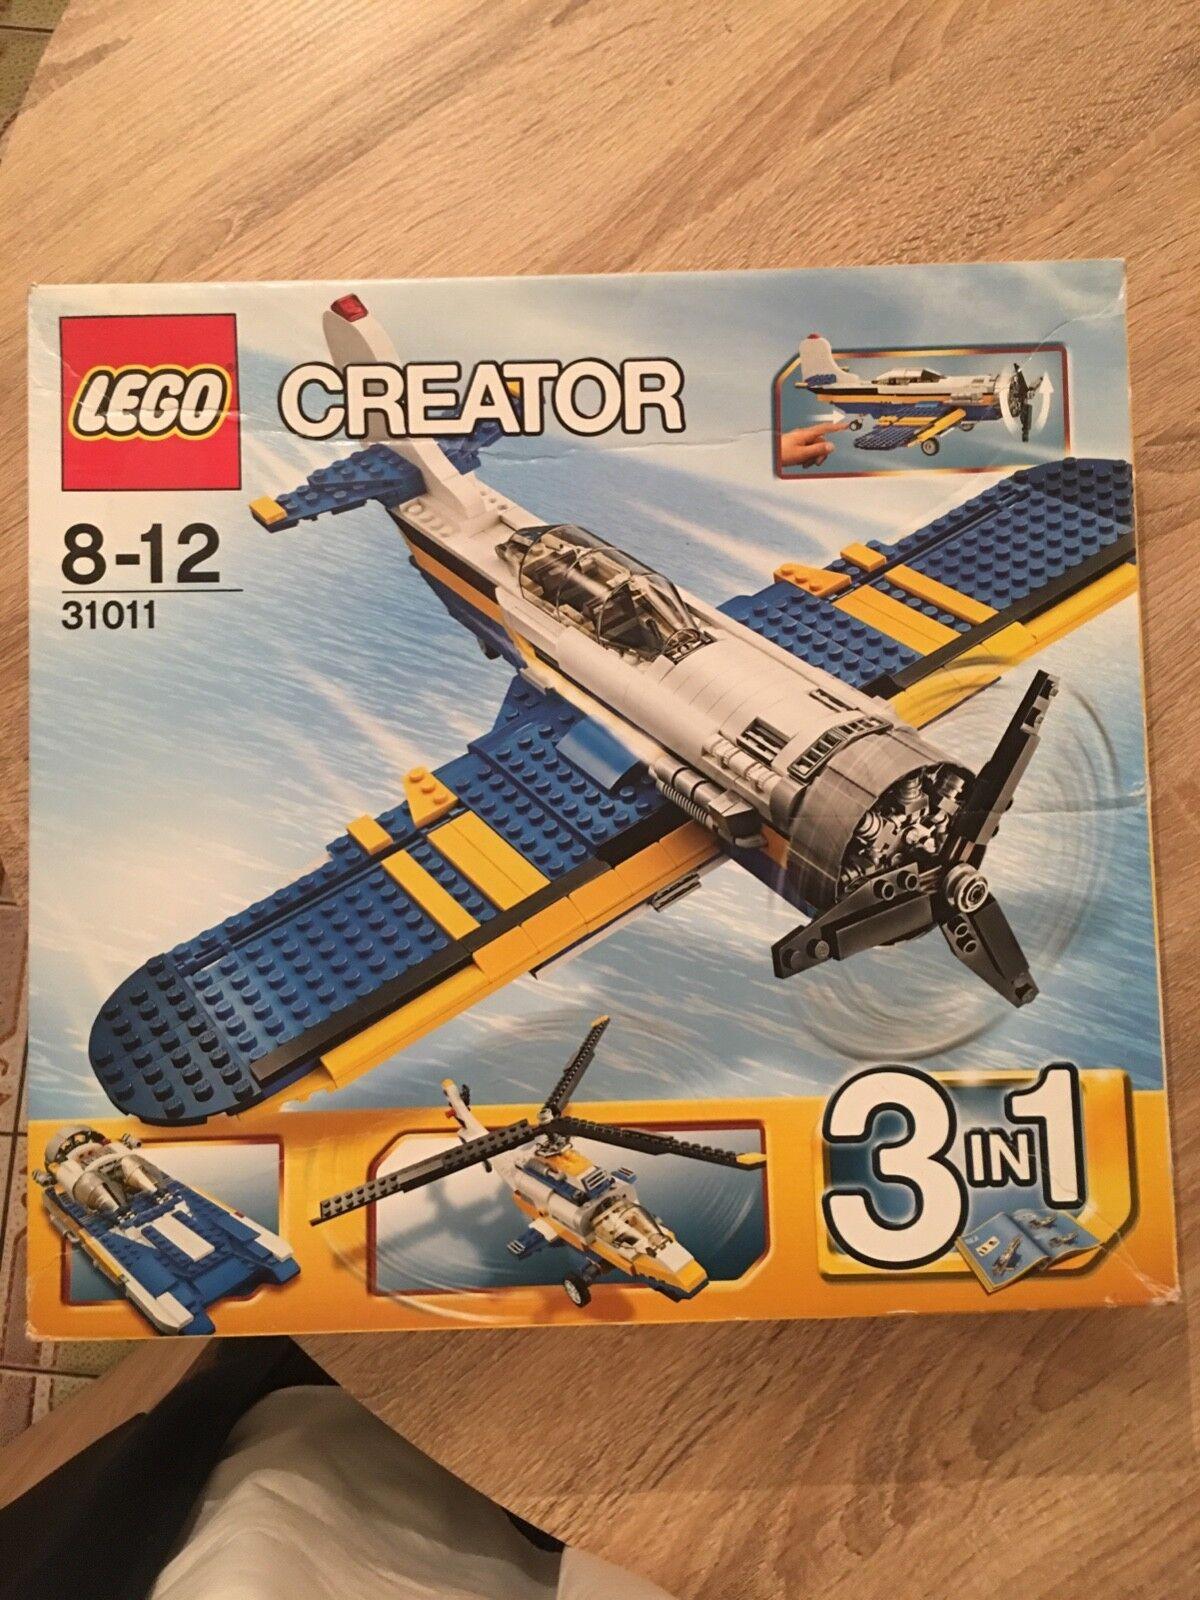 LEGO CREATOR 31011 3in1, AEREO, ELICOTTERO, posizionare Barca, Nuovo in Scatola